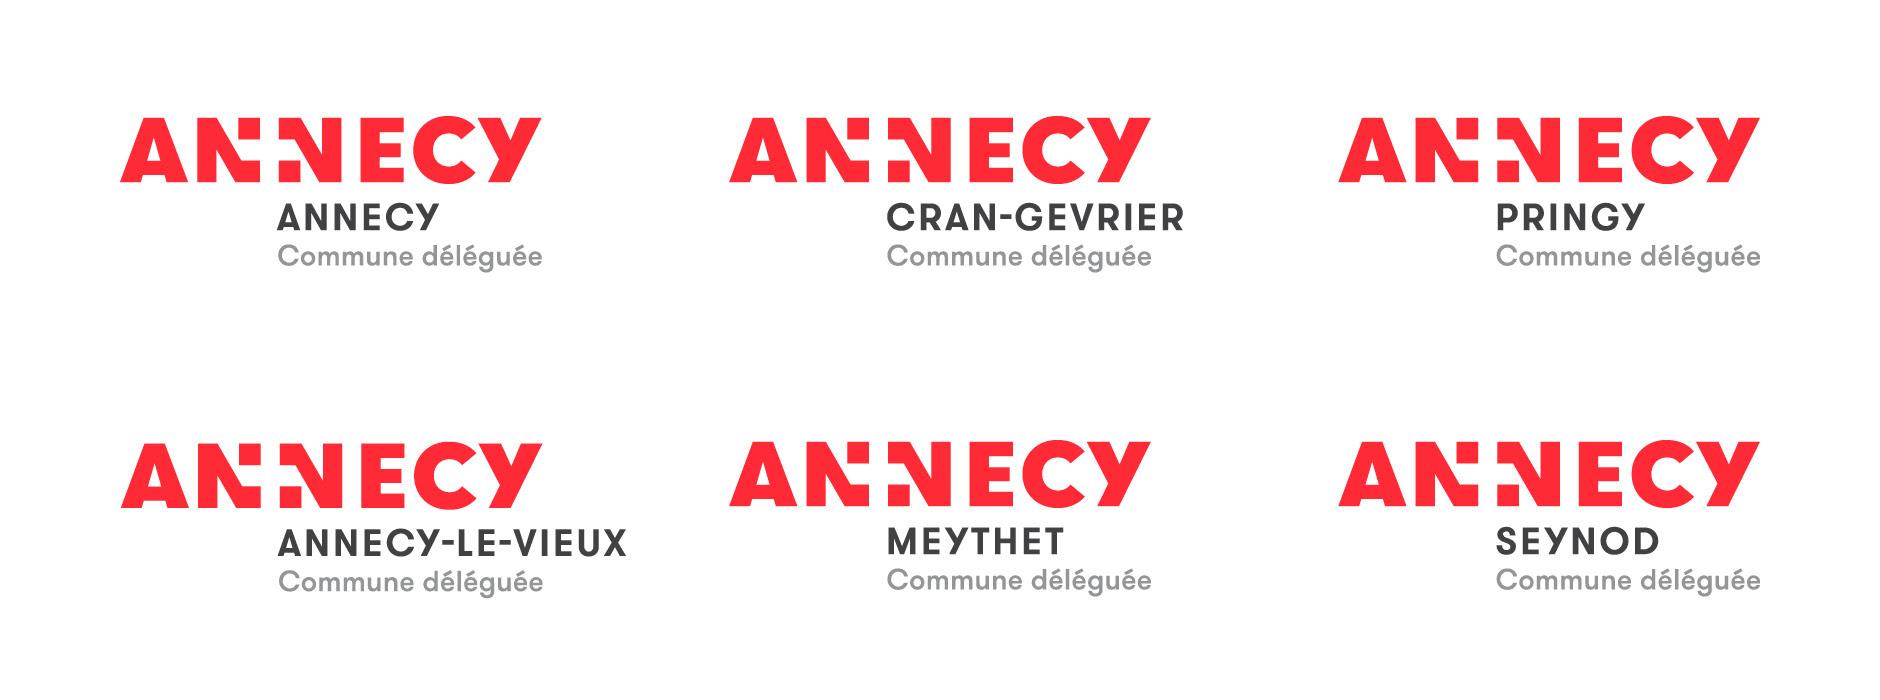 city-of-annecy-new-brand-design-grapheine-06